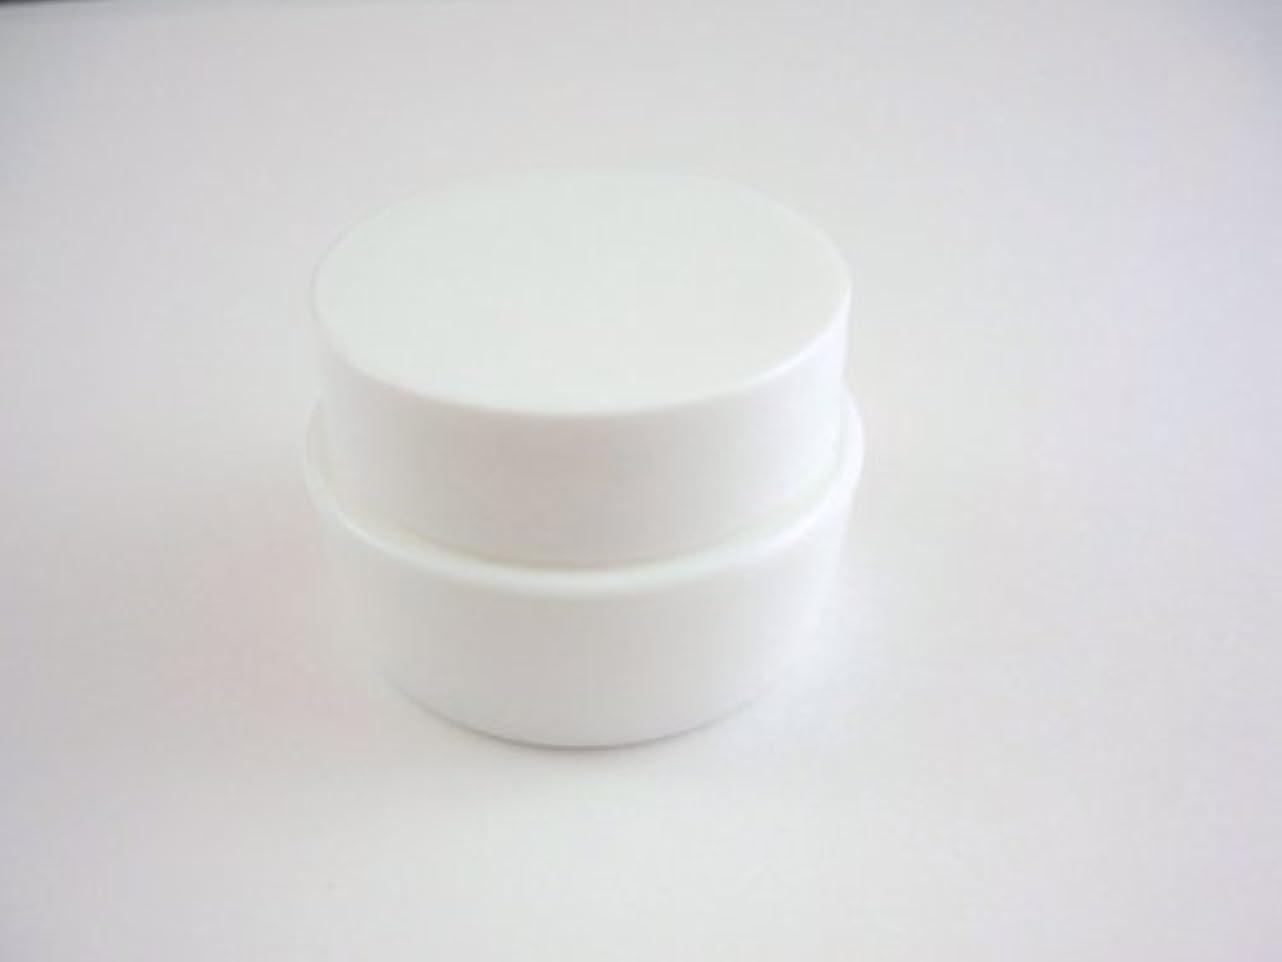 アシスタント電話する満足できるジェル空容器 3ml   ホワイト 10個セット